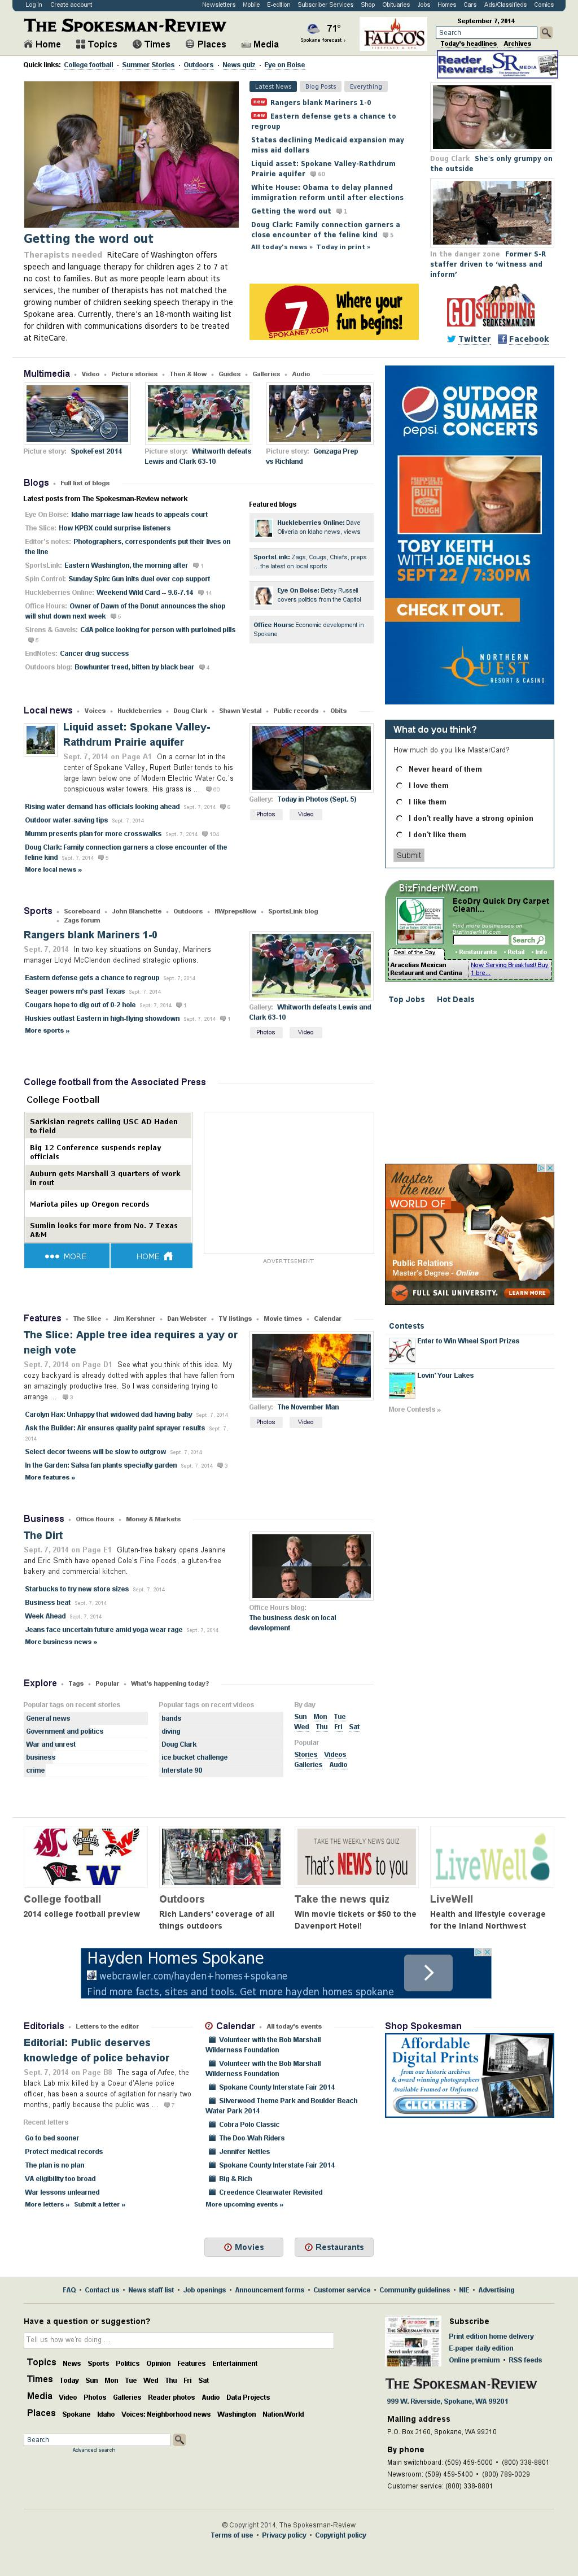 The (Spokane) Spokesman-Review at Monday Sept. 8, 2014, 5:16 a.m. UTC